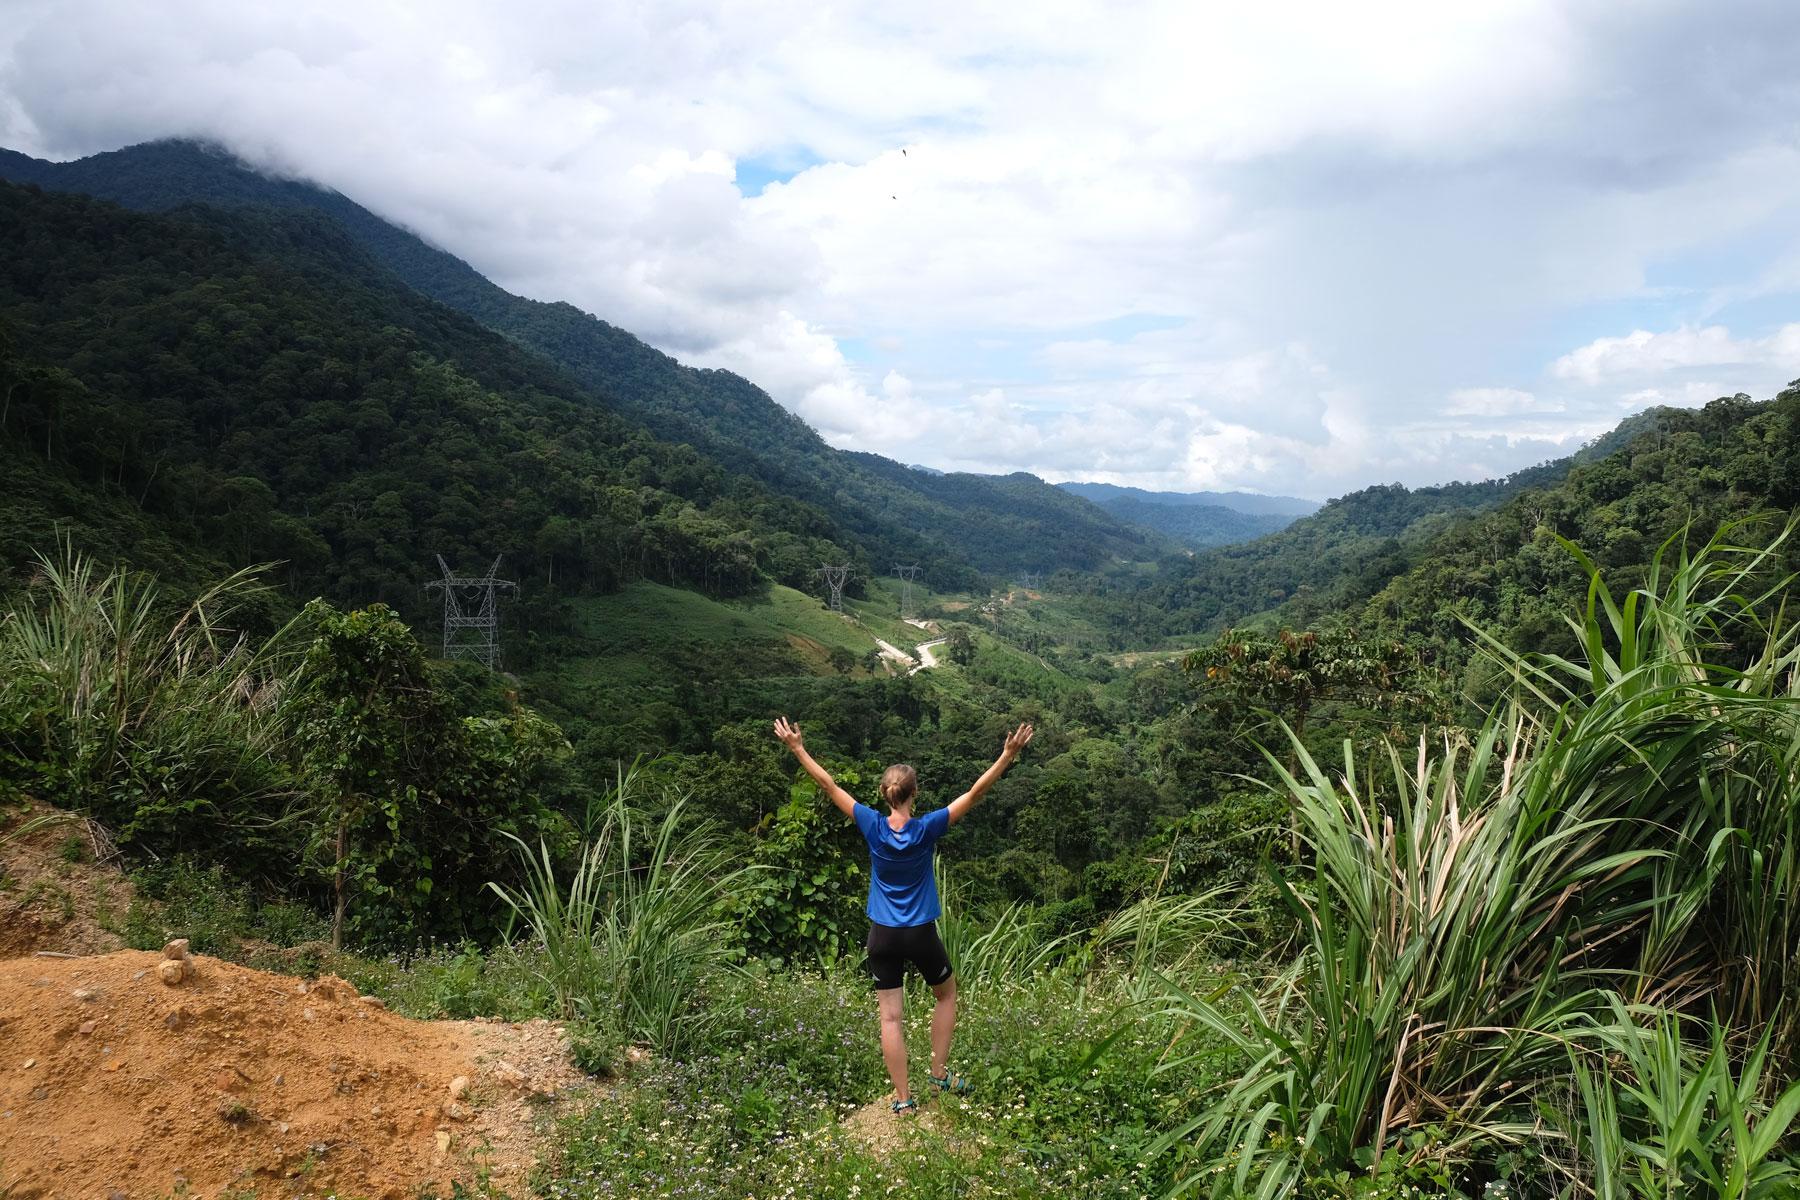 Leo trägt Fahrradkleidung und blickt auf ein grünes Tal in Vietnam.